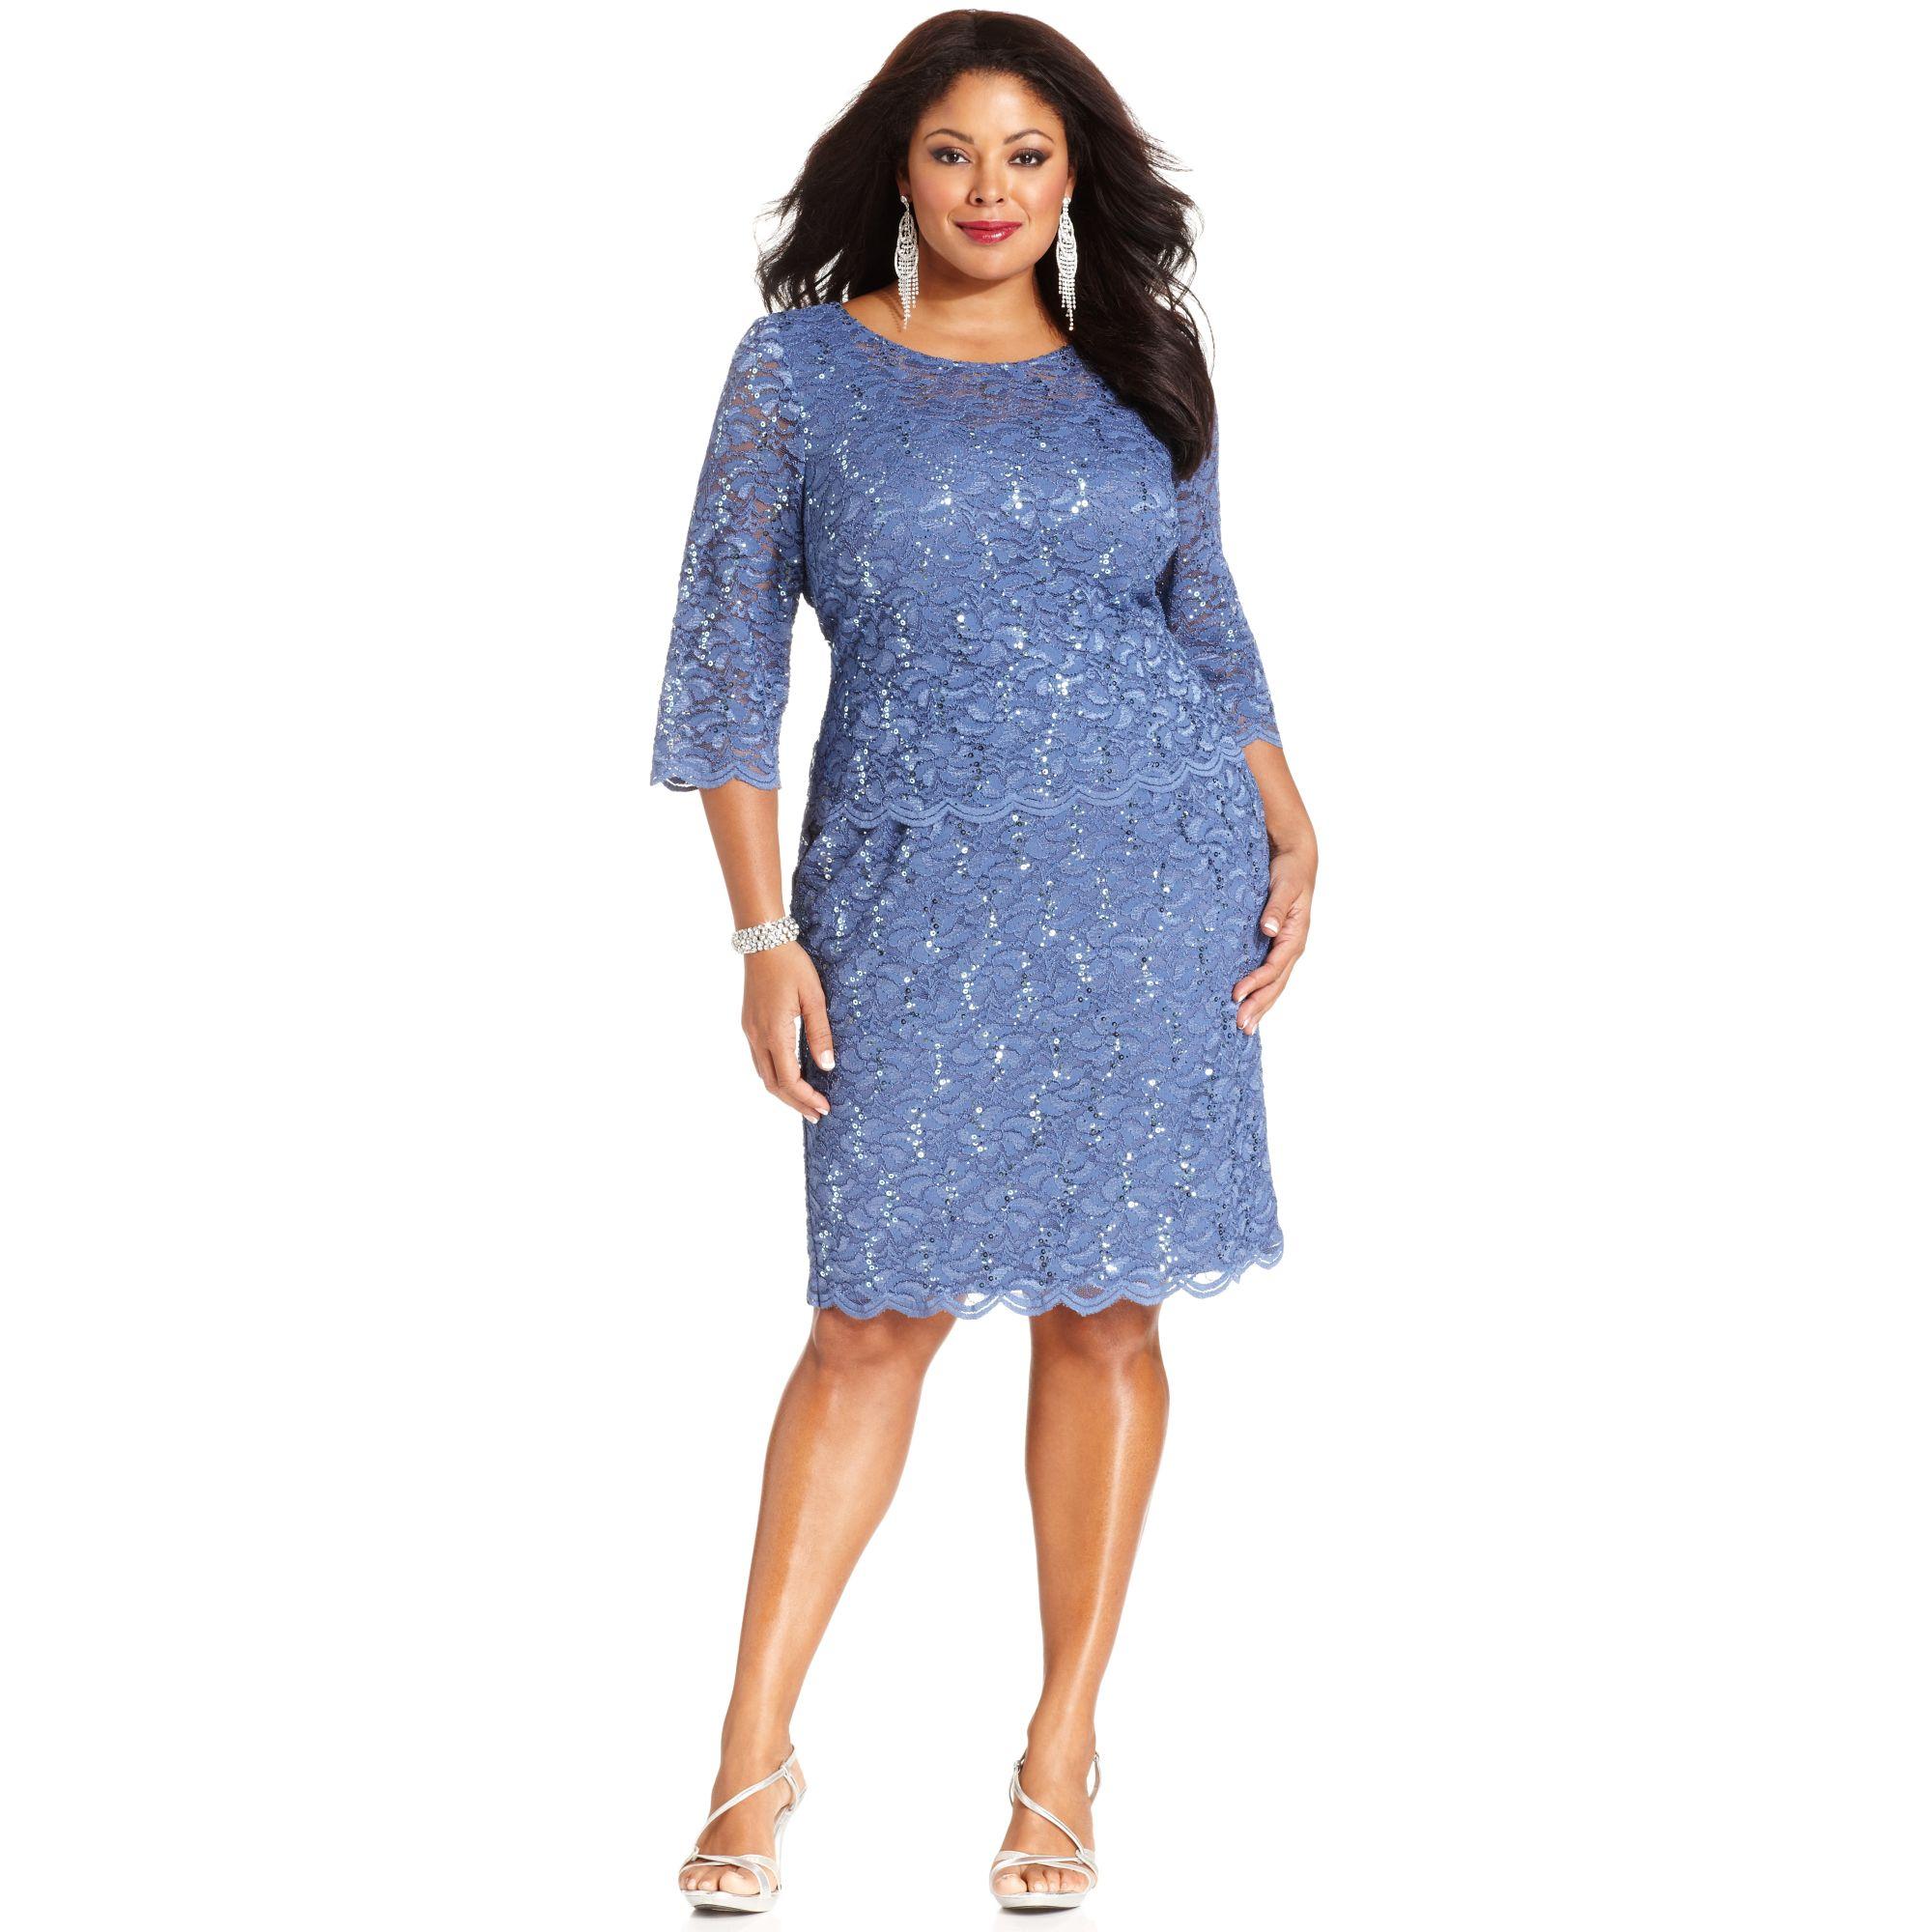 1ba0ec1e425 Alex Evenings Plus Size Sequined Lace Dress in Blue - Lyst